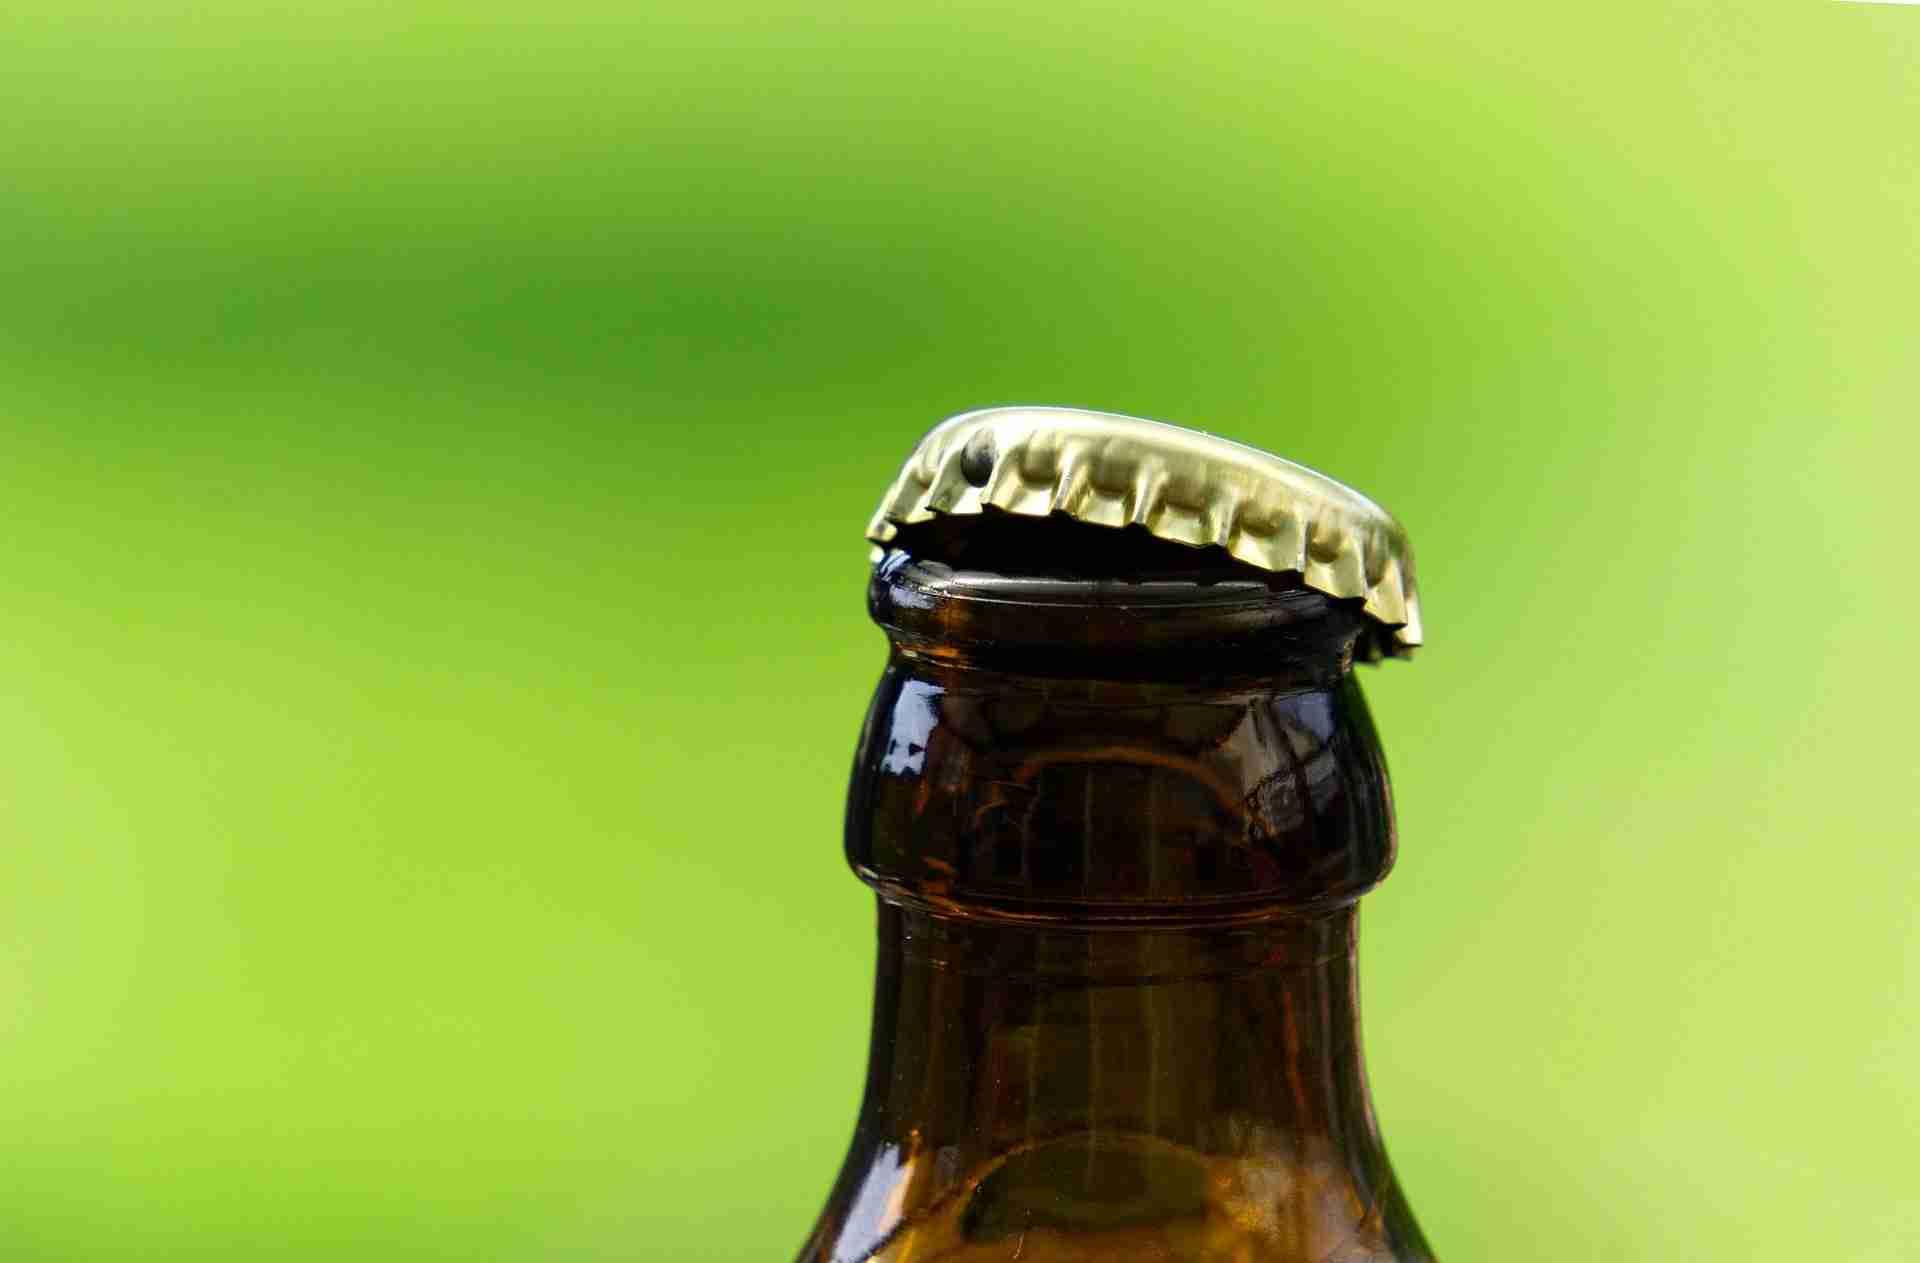 Bierflasche Feuerzeug öffnen